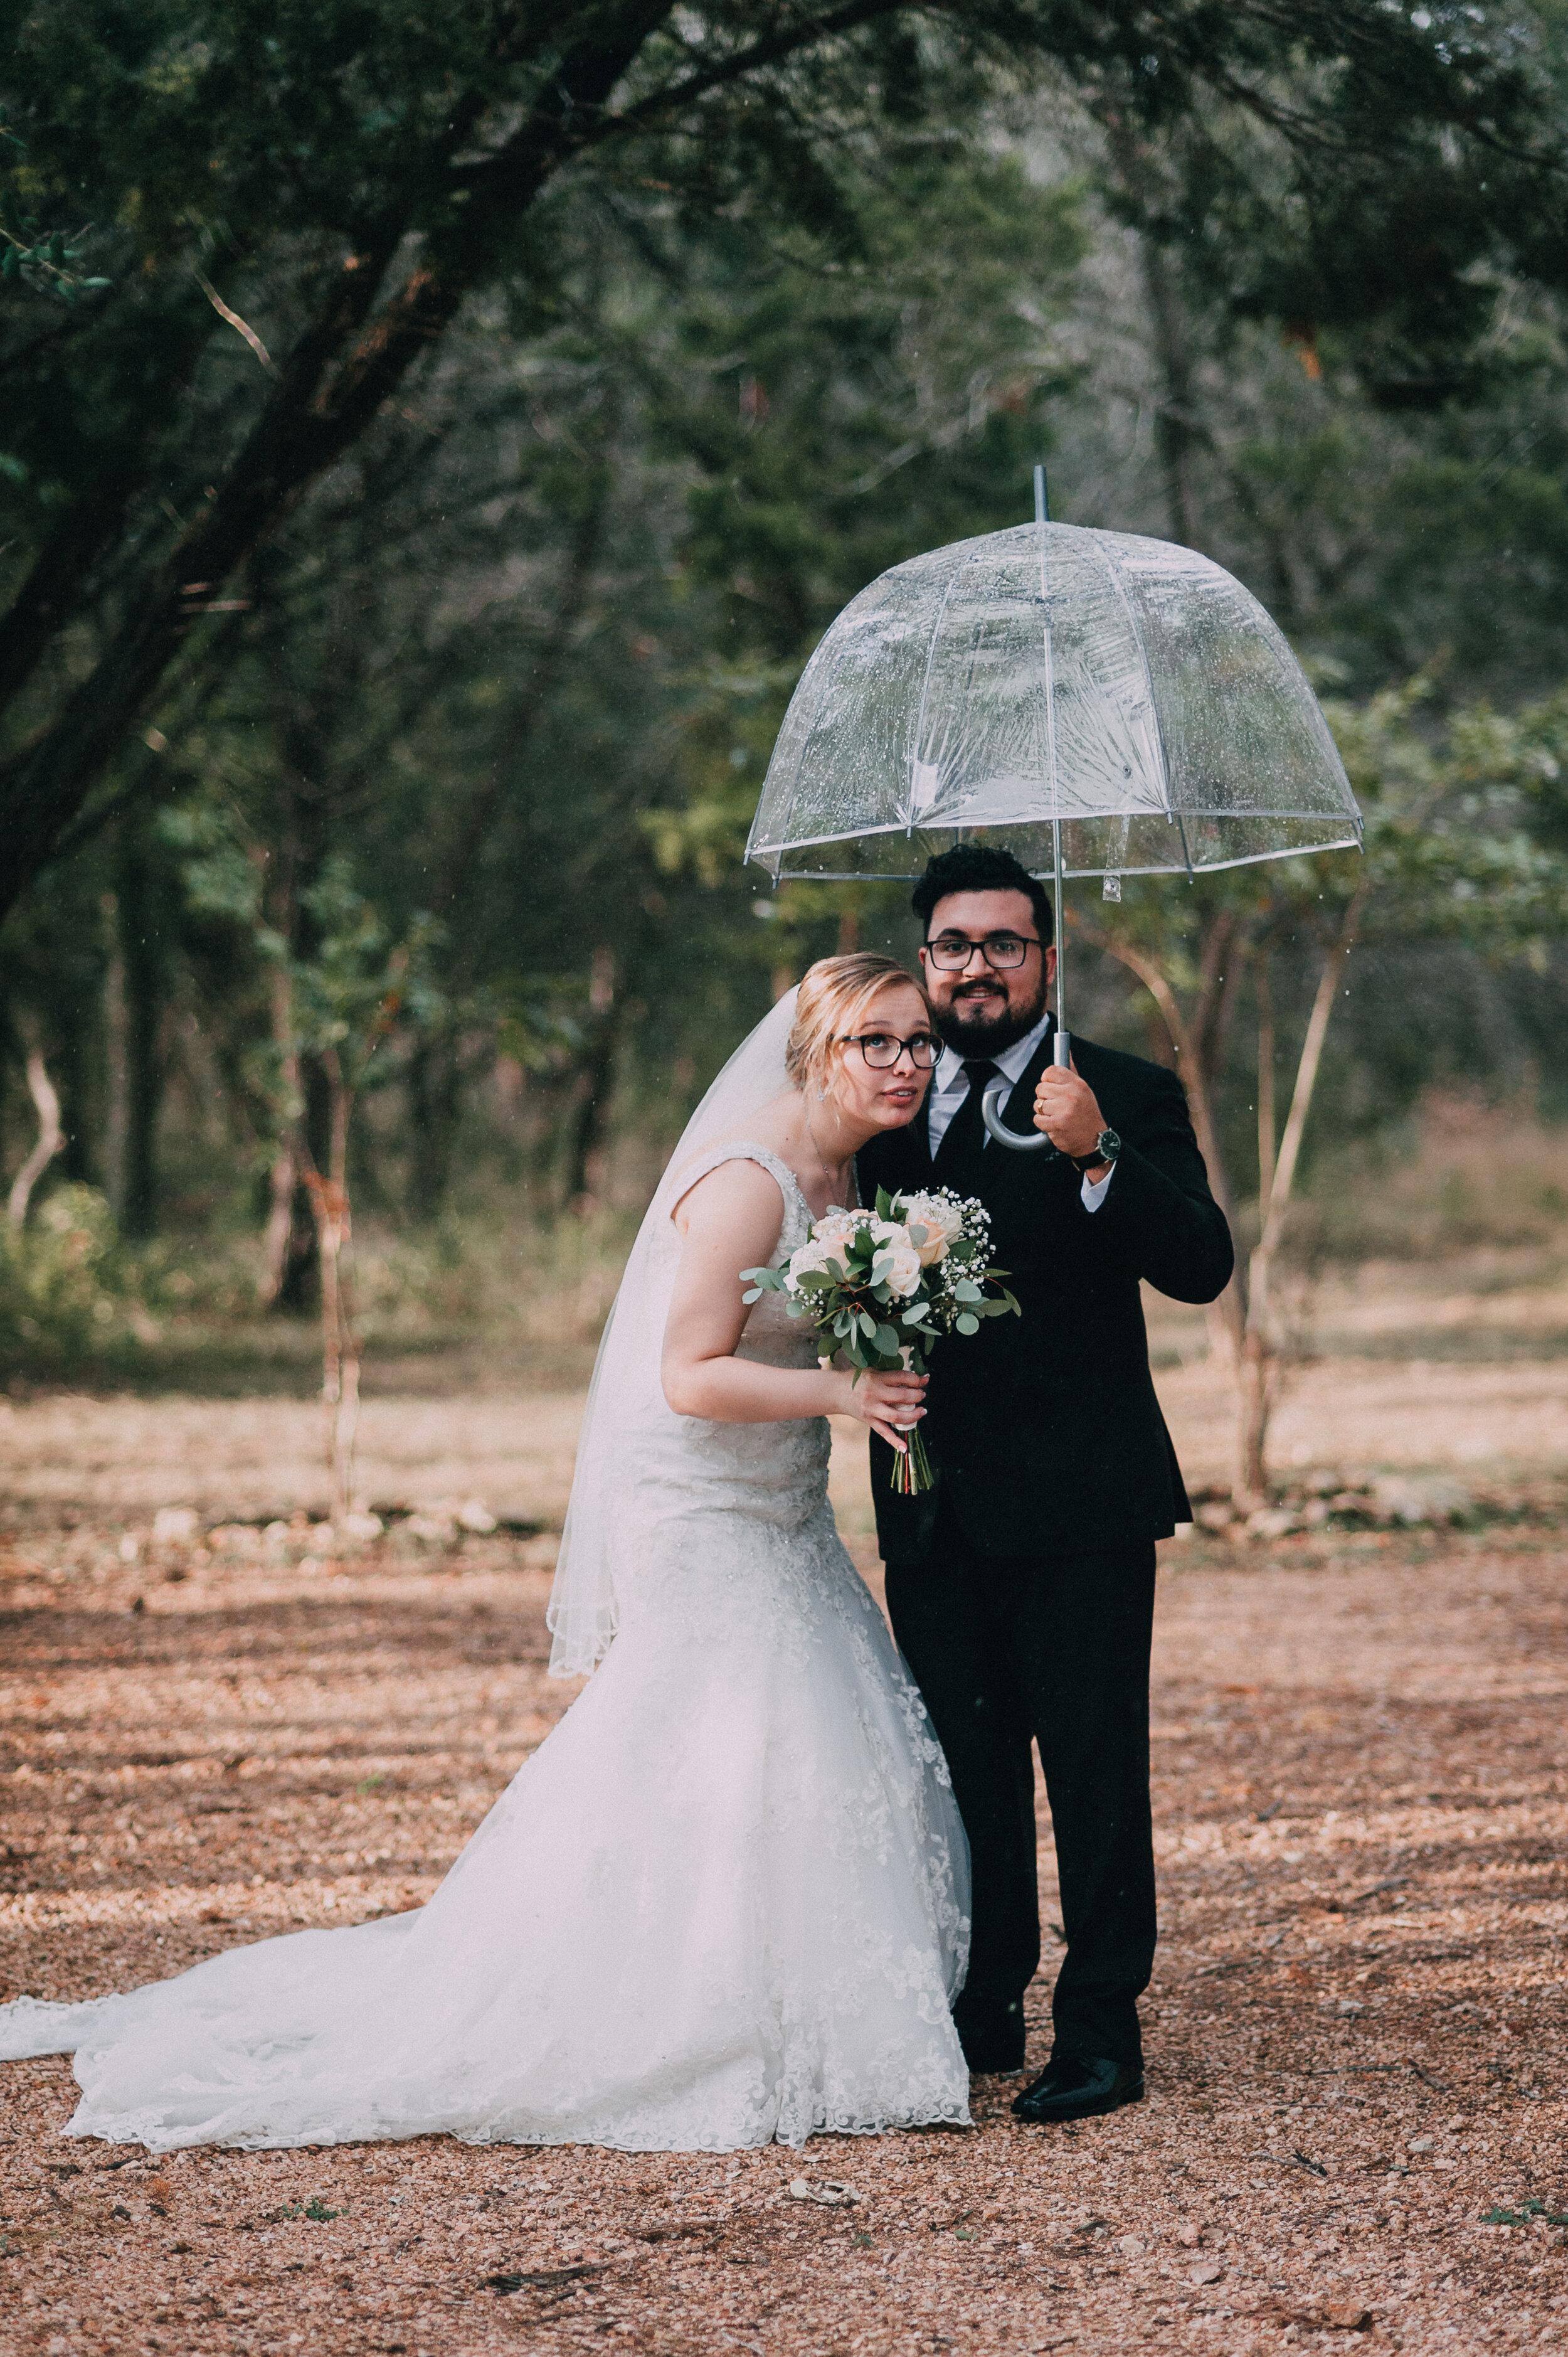 Alex and Haley Wedding 2019 (Austin Daniel Photo) (611 of 896).JPG